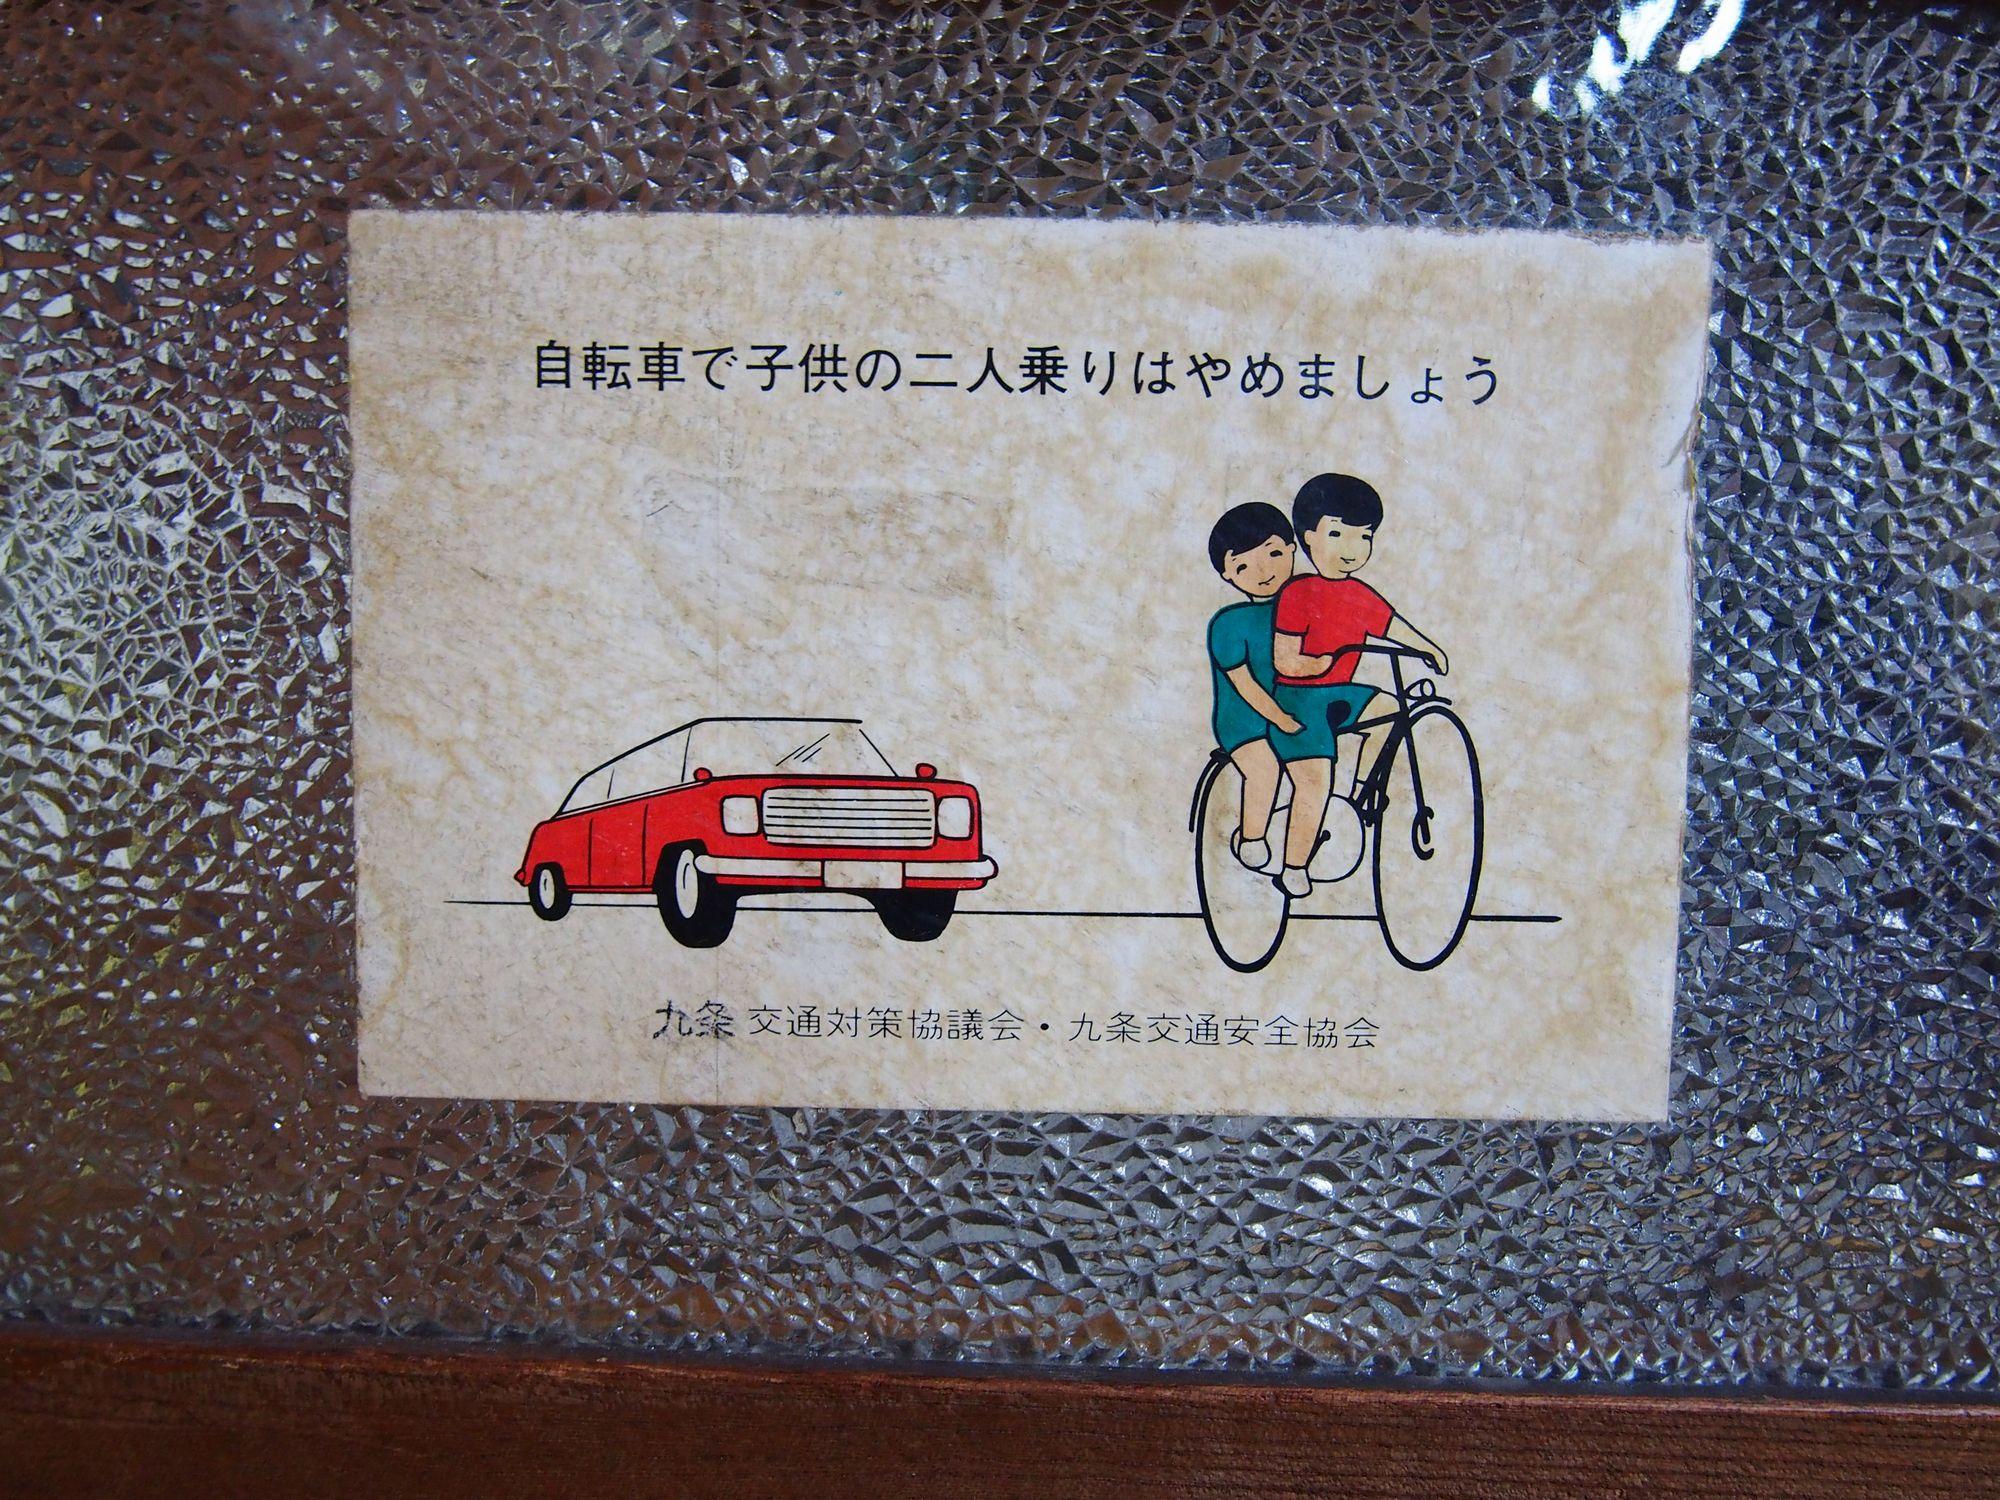 京都市南区 日の出湯 ロッカー(裏)